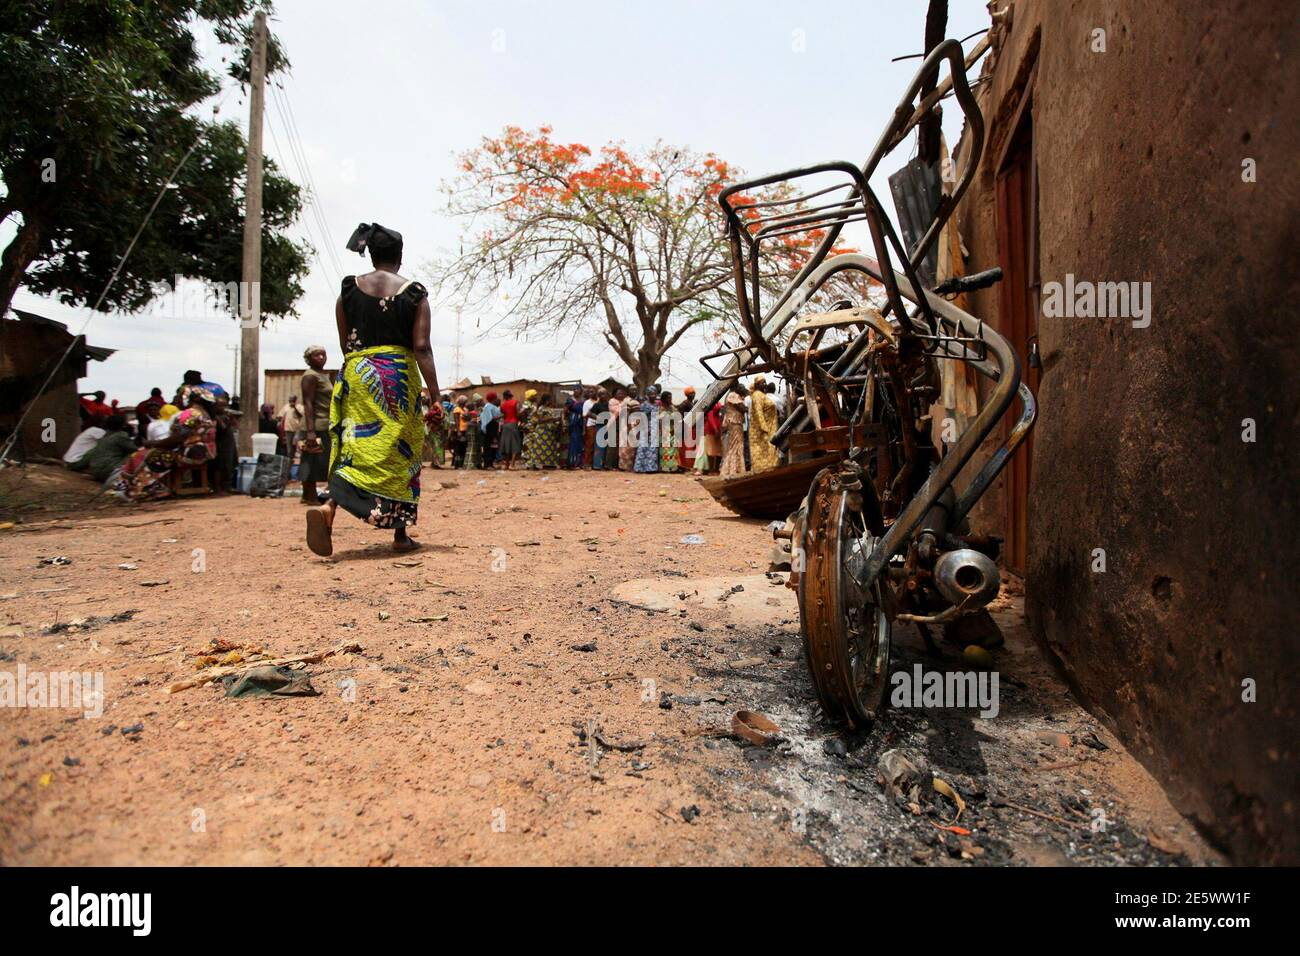 Eine Frau geht vorbei an einer verbrannten Motorrad Wahlrecht an einem polling Unit in Kachia Dorf, wo Gewalt in Nigeria die nördlichen Bundesstaat Kaduna 28. April 2011 letzte Woche brach. Wähler sickerte heraus zu Wahllokalen am Donnerstag in zwei Bundesstaaten im Norden Nigerias, wo Hunderte Ausschreitungen letzte Woche unter den wachsamen Augen der Polizisten und Soldaten Besatzung Barrikaden getötet. REUTERS/Afolabi Sotunde (NIGERIA - Tags: Politik-Wahlen-Unruhen) Stockfoto